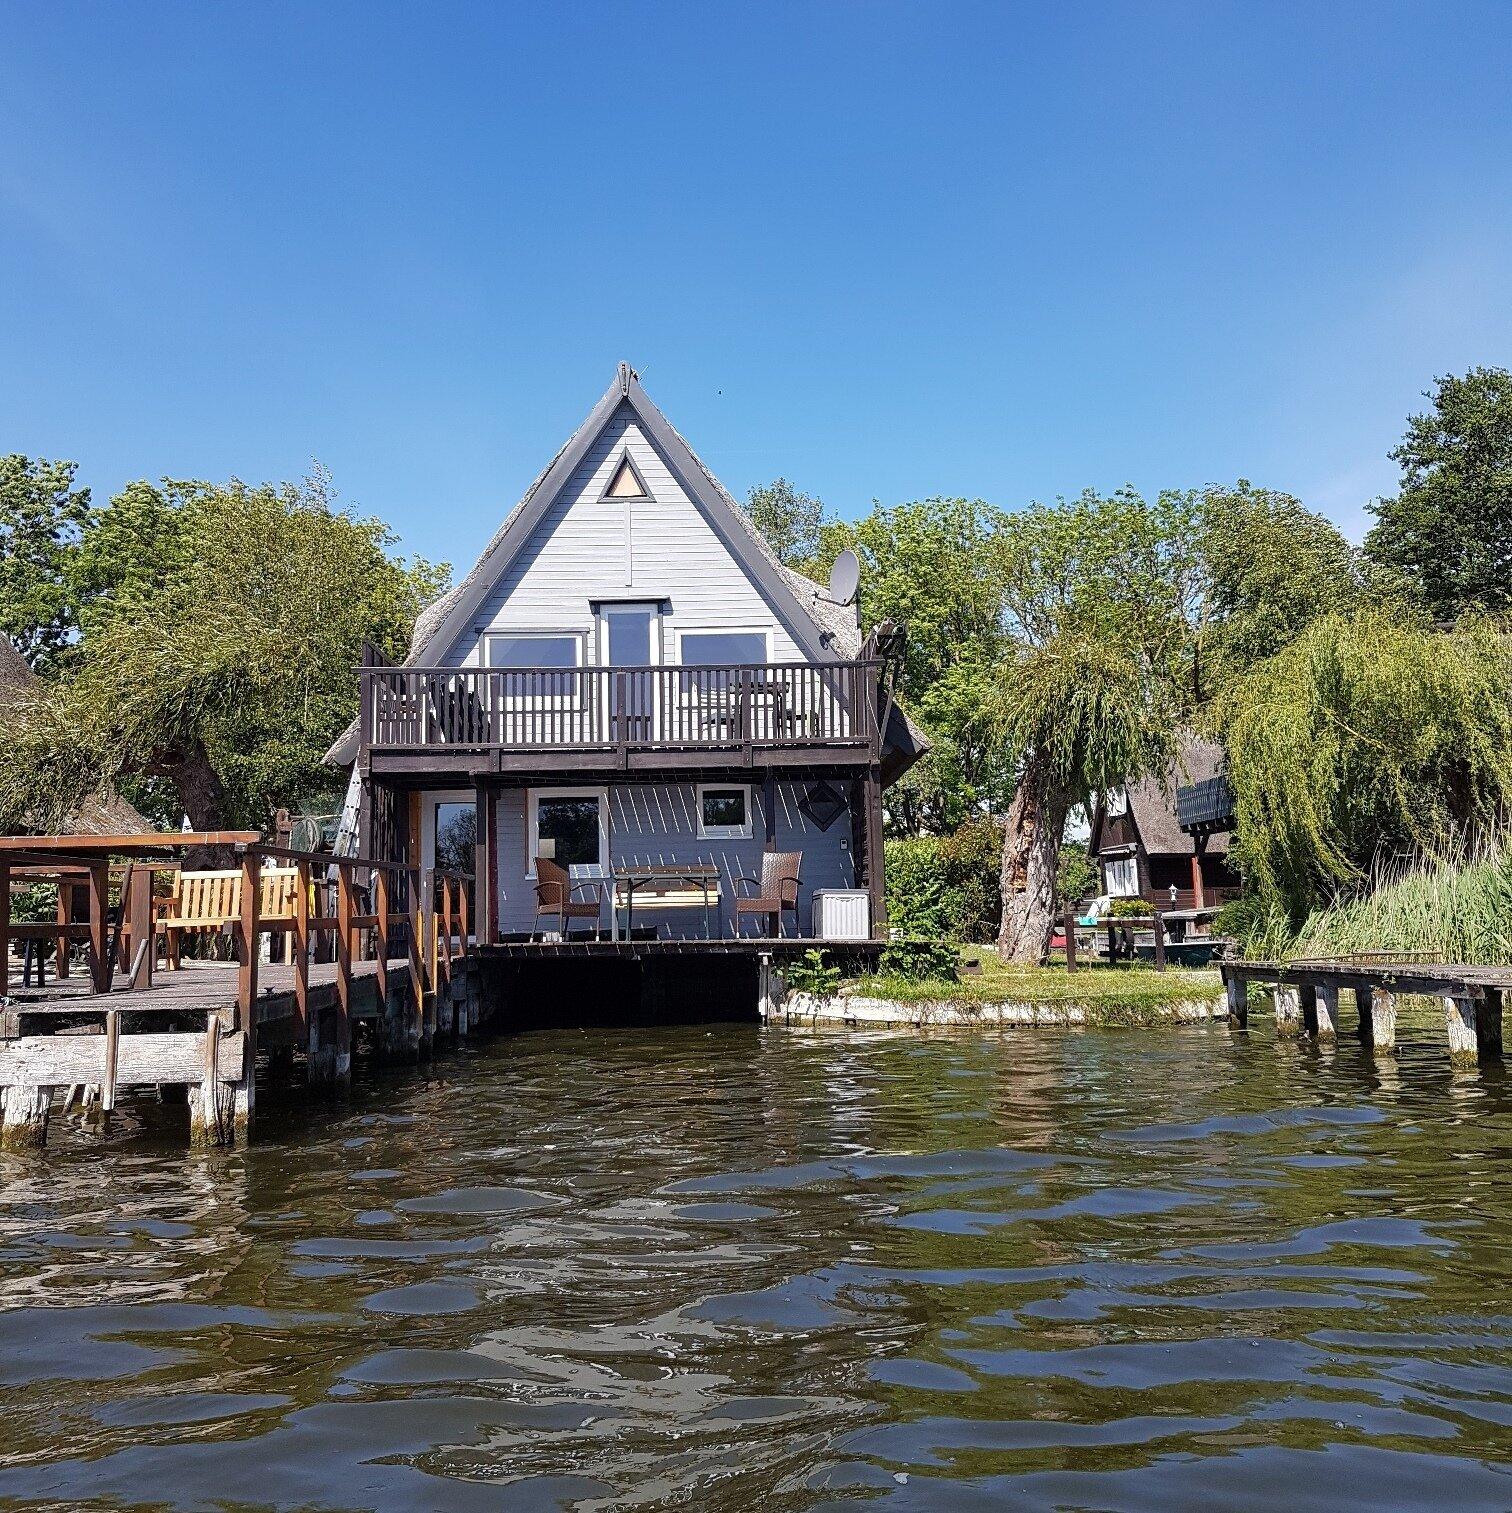 Ferien Am Wasser Ferienhaus Ferienwohnung Oder Unterkunft Mieten Und Buchen